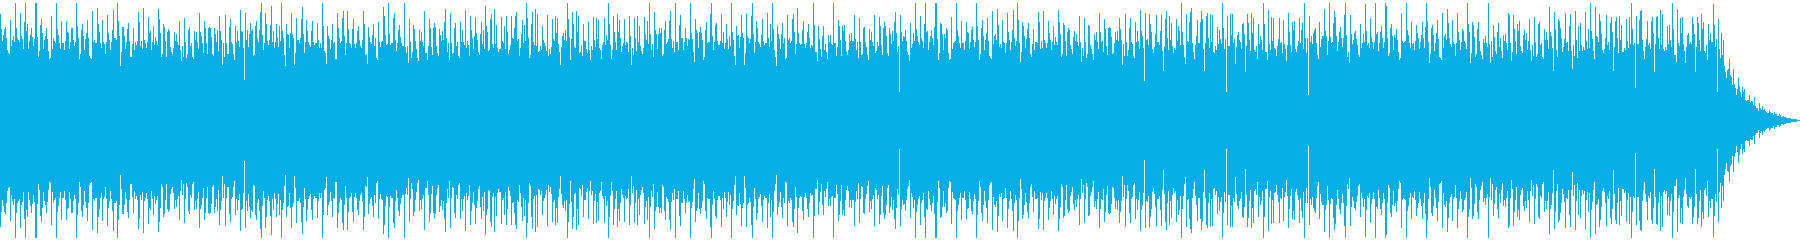 ノスタルジックなケルト音楽の再生済みの波形